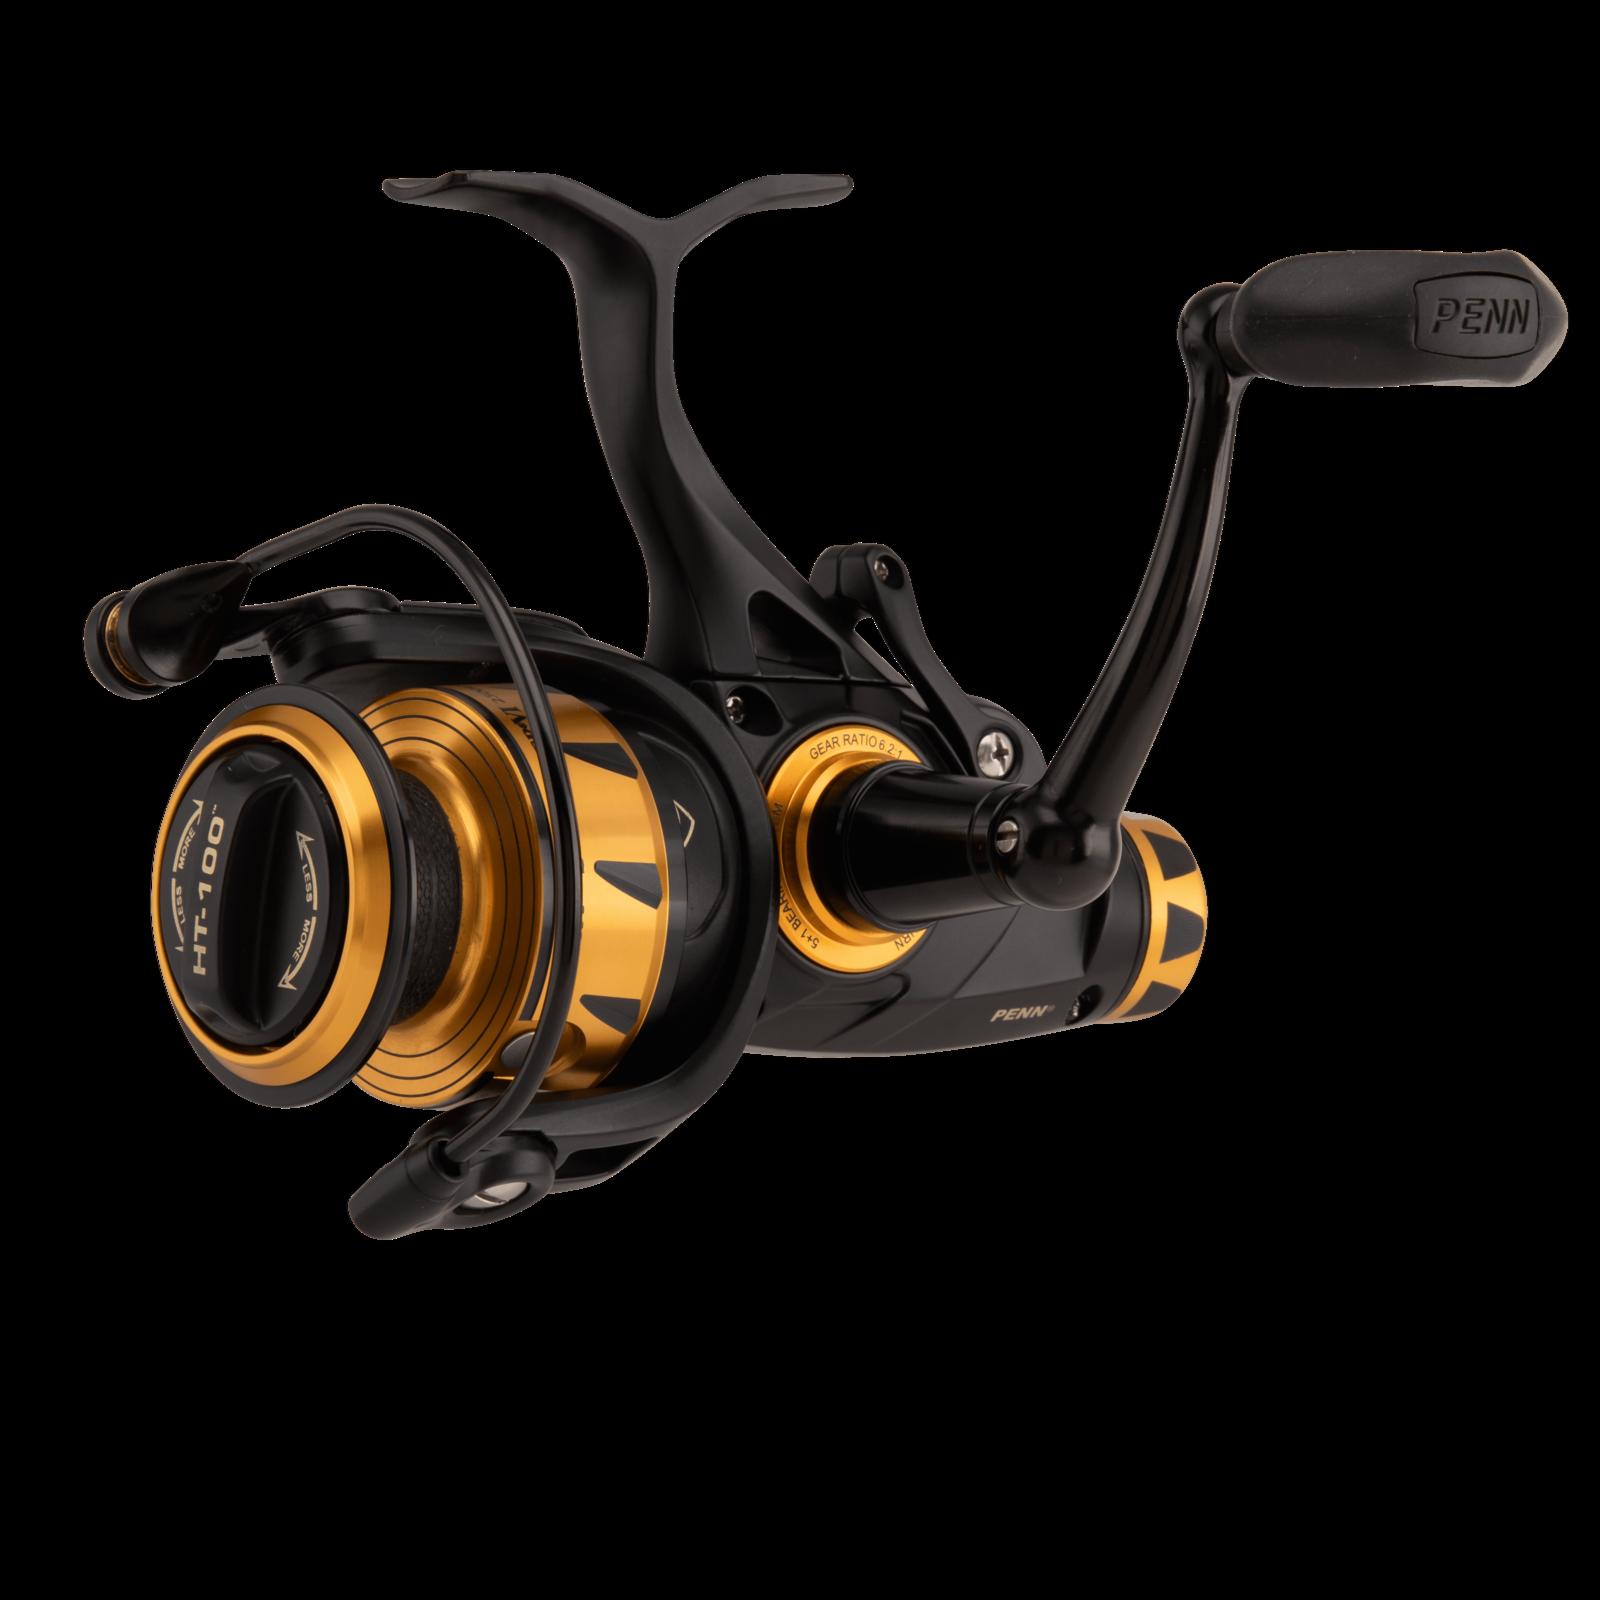 Penn Spinfisher VI SSV 2500 Live Liner Fishing Reel Reel Reel SSVI2500LL- NEW 2018 492e60